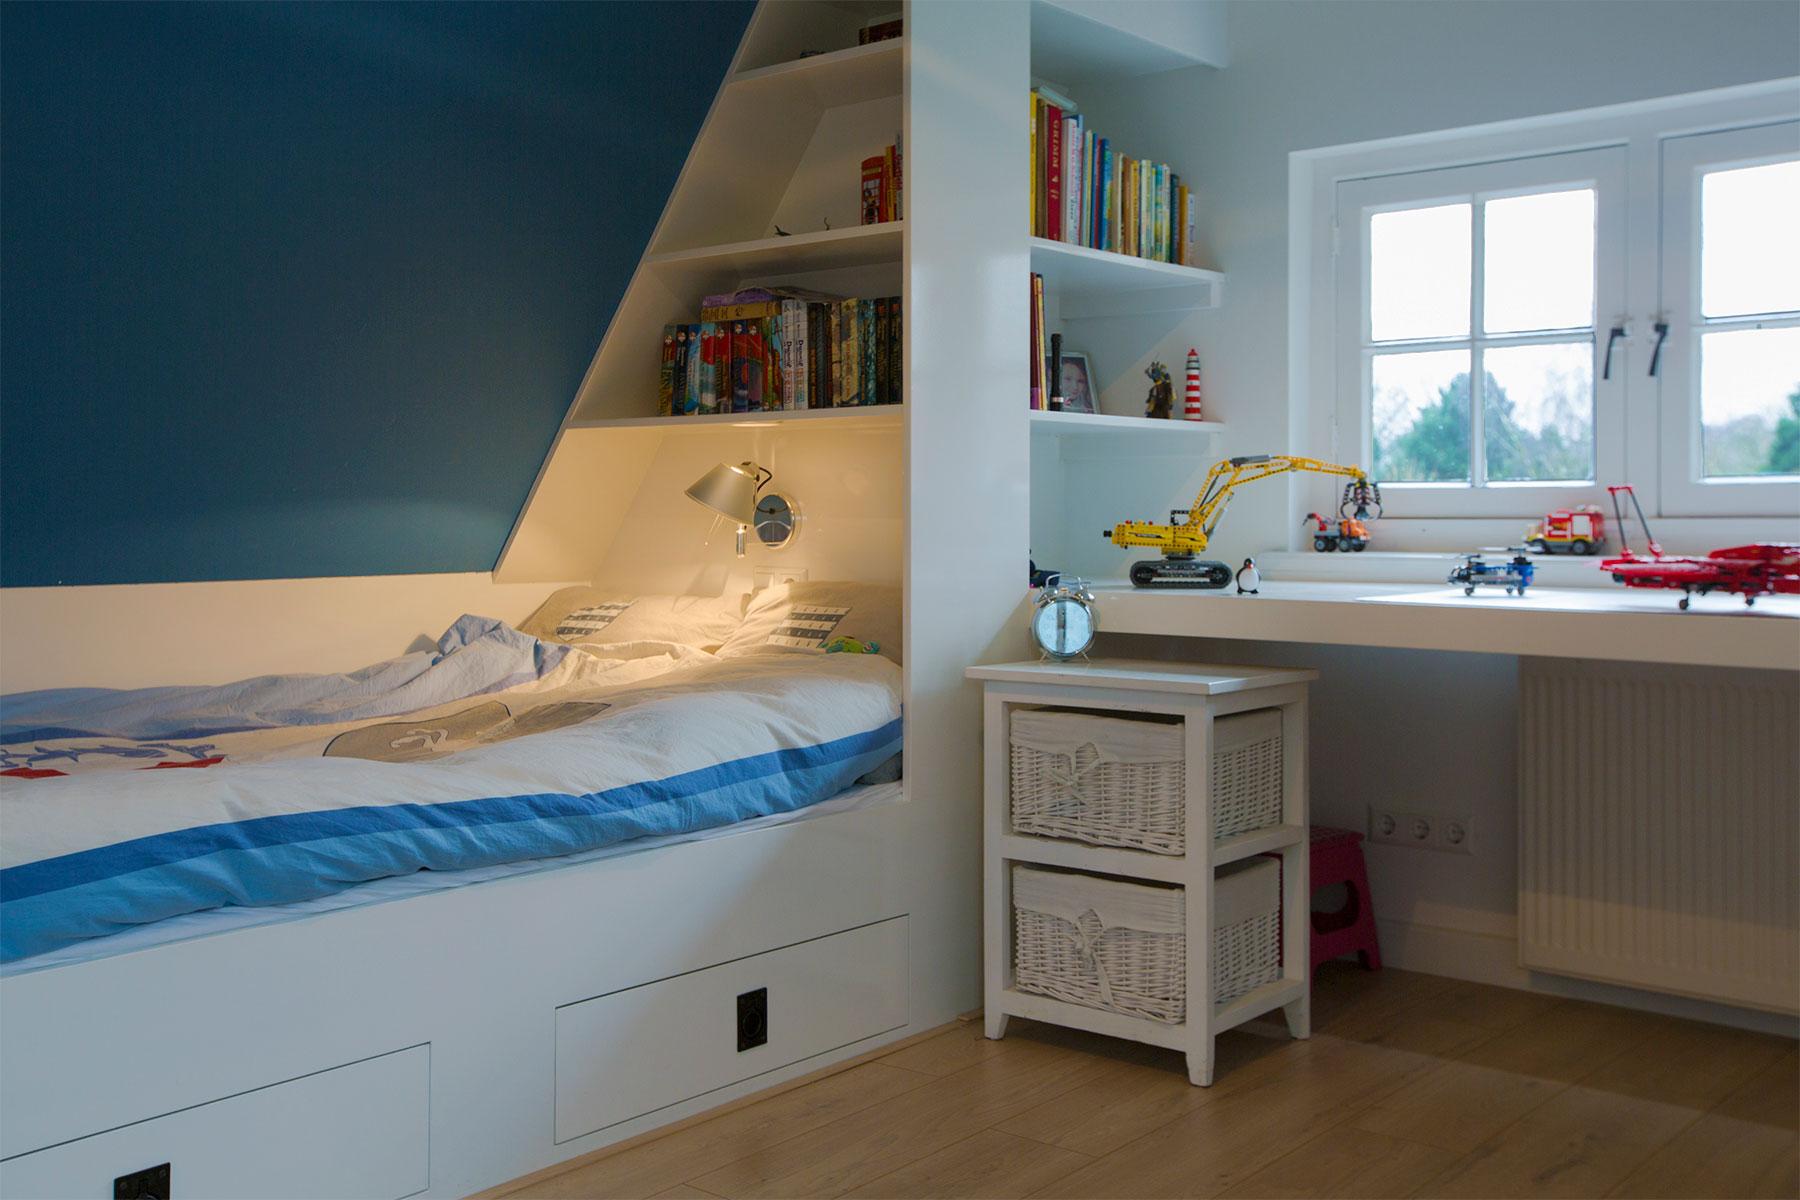 van-wulfenlaan-interieur-suzanne-holtz-studio-020-fotografie-matthijs-borghgraef